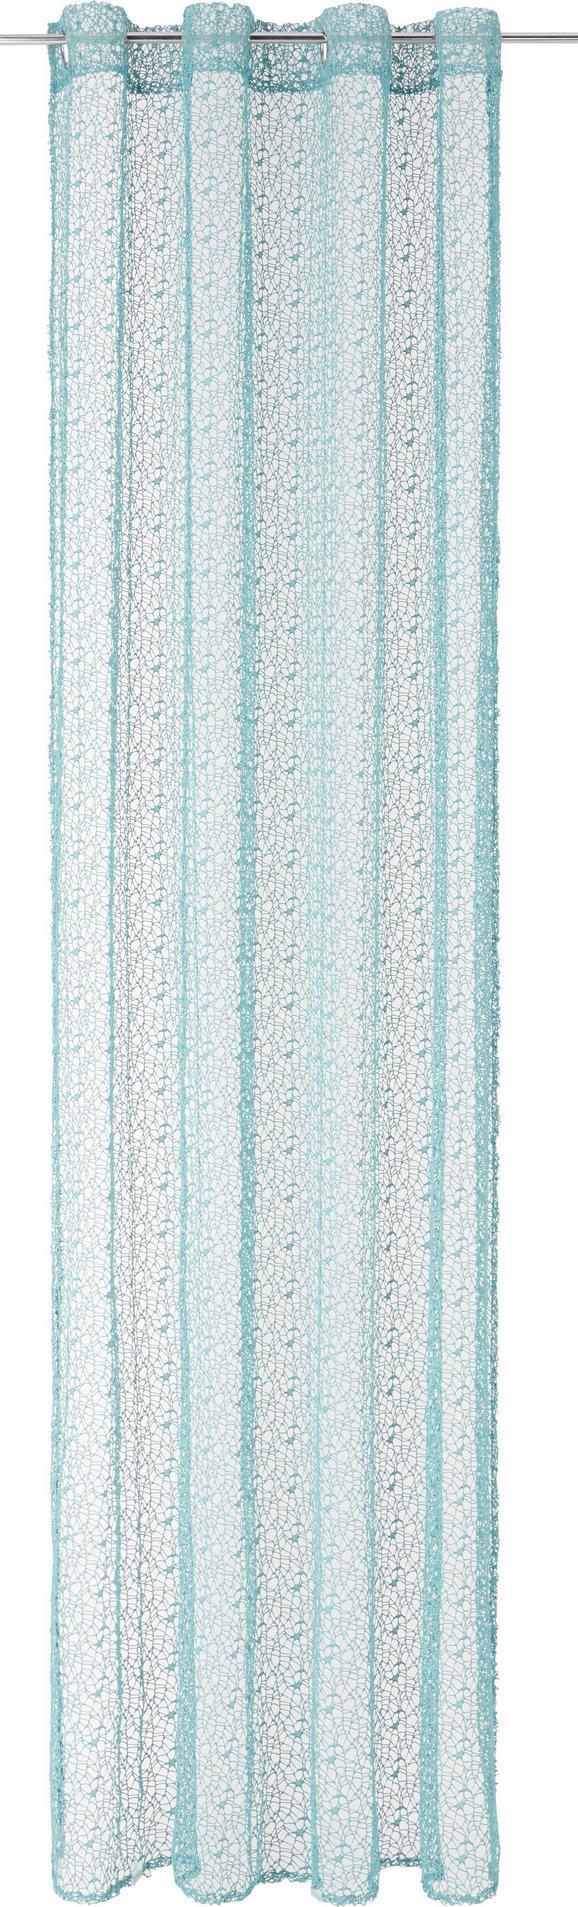 Ösenvorhang Astrid, ca. 140x245cm - Jadegrün, MODERN, Textil (140/245cm) - Mömax modern living